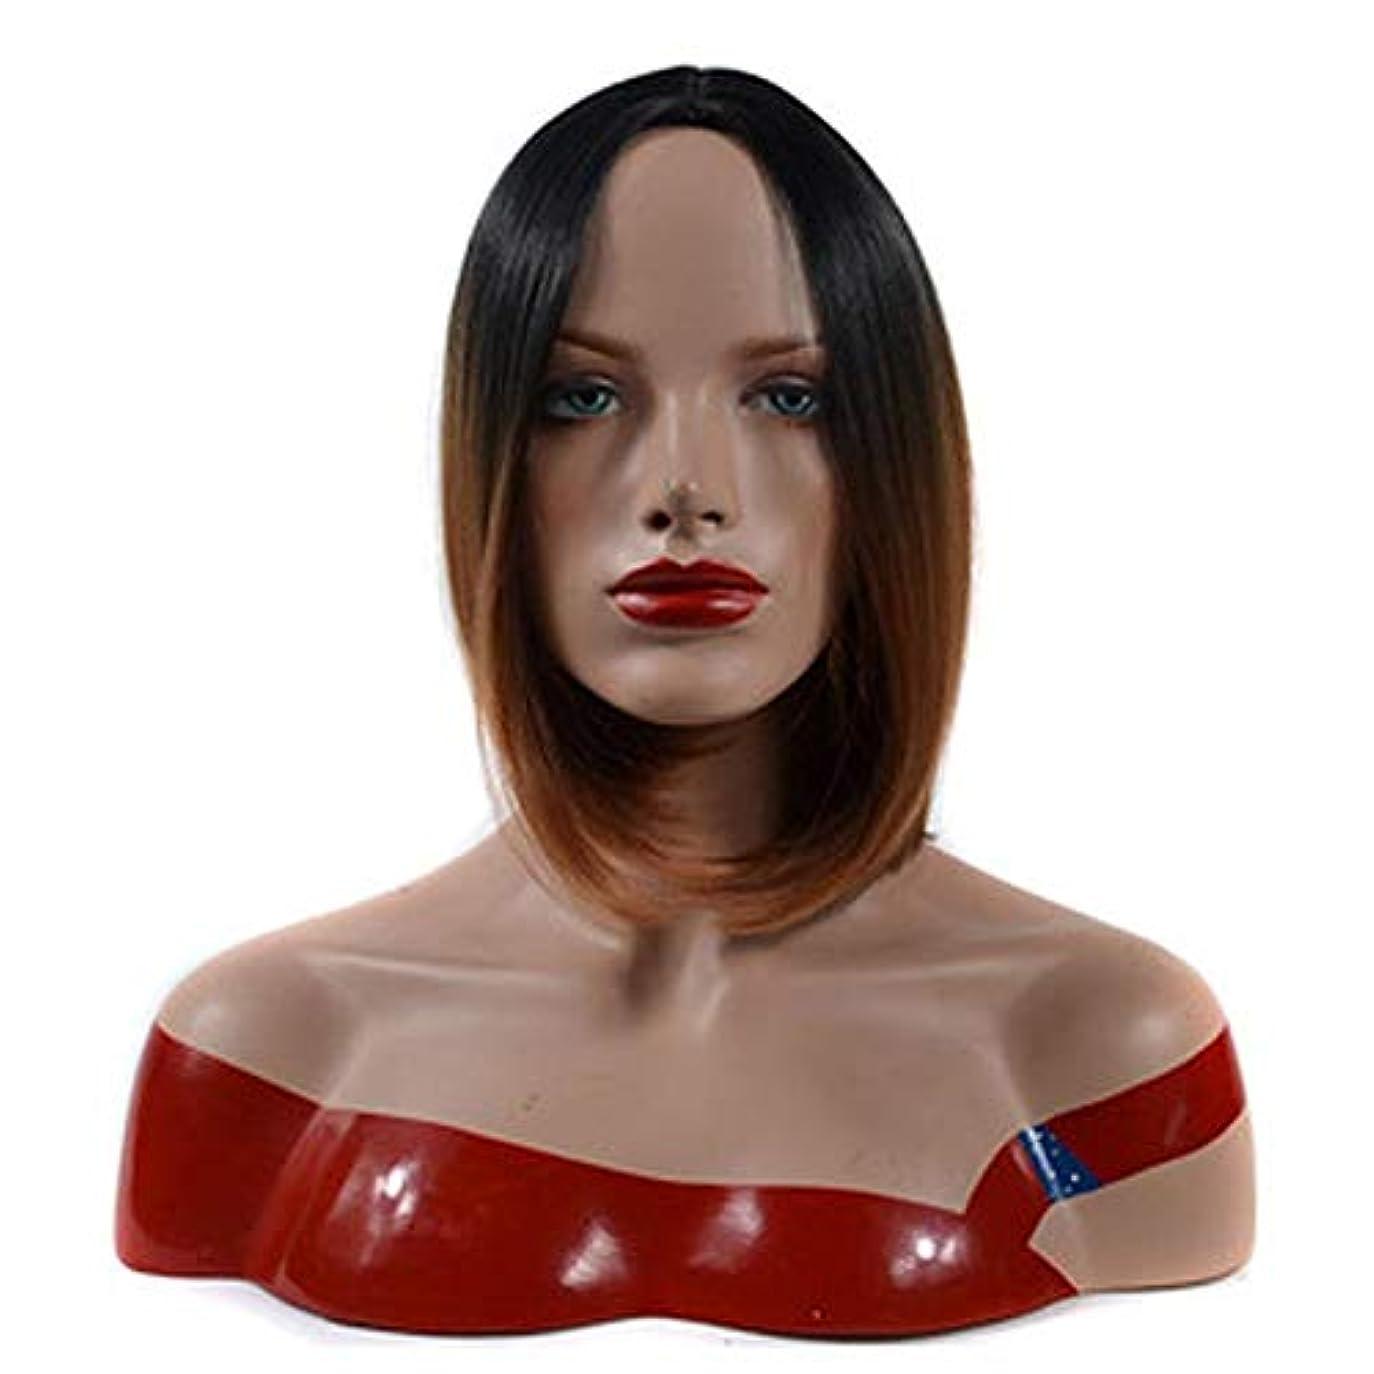 純粋にしみ分注するYOUQIU 女性コスプレパーティードレスウィッグについては黒髪ルートライトブラウンショートストレート髪ボブウィッグ (色 : 淡い茶色, サイズ : 30cm)